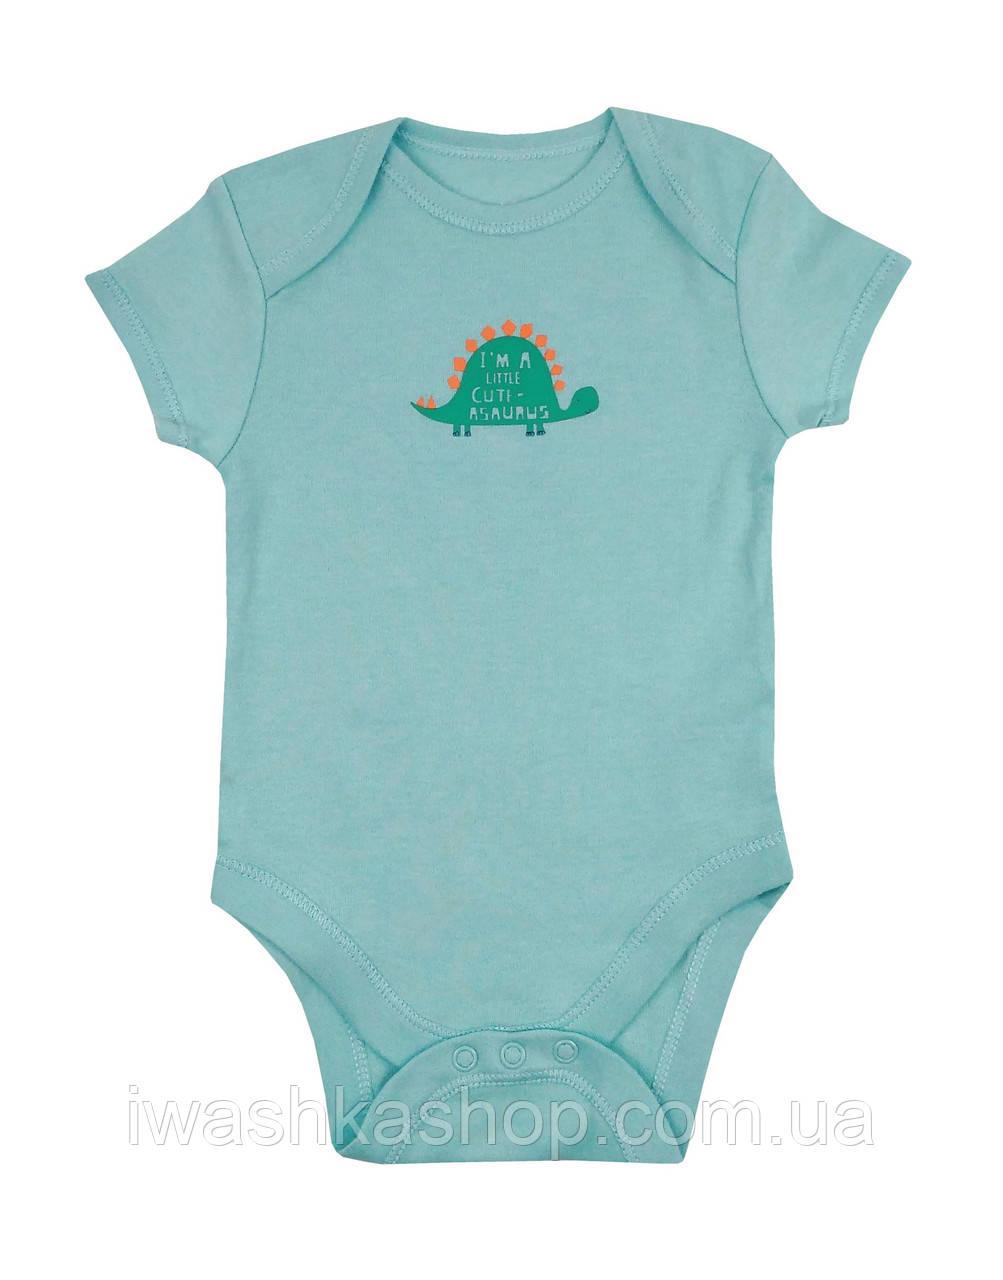 Боді з коротким рукавом з динозавром для новонародженого хлопчика до 1 місяця (4,5 кг), Early days by Primark